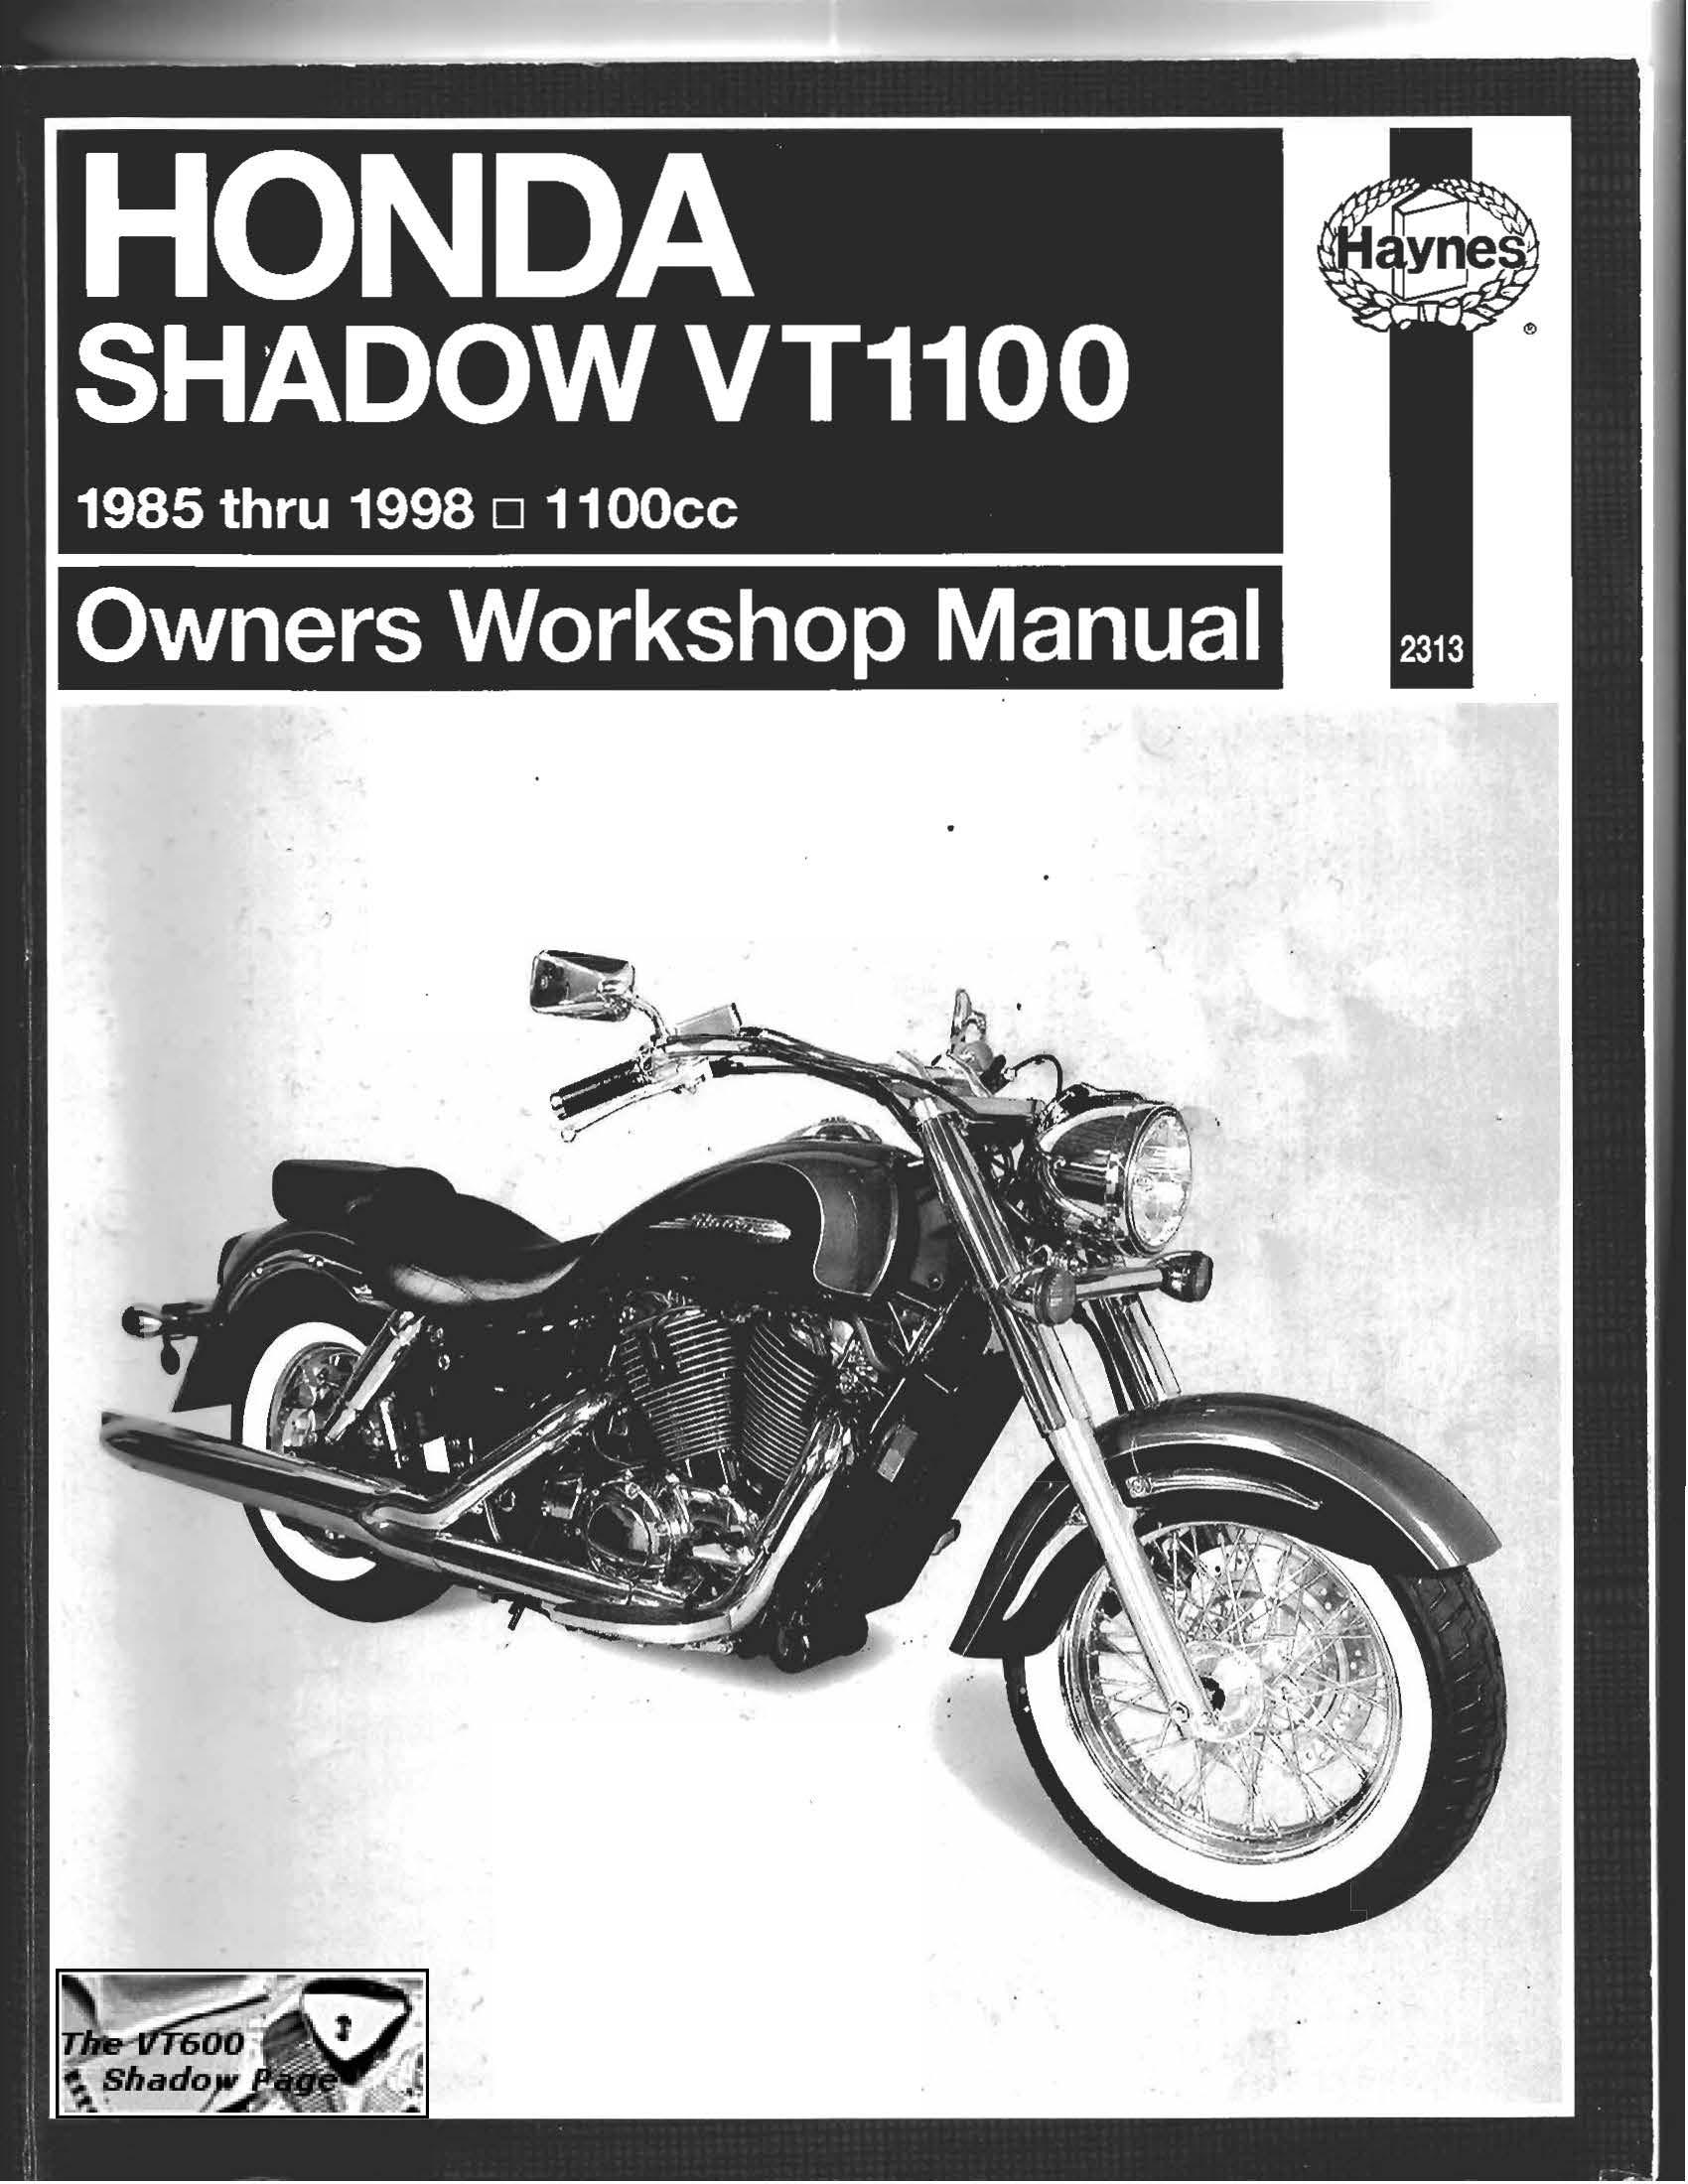 Workshop Manual for Honda VT1000 (1985-1998)